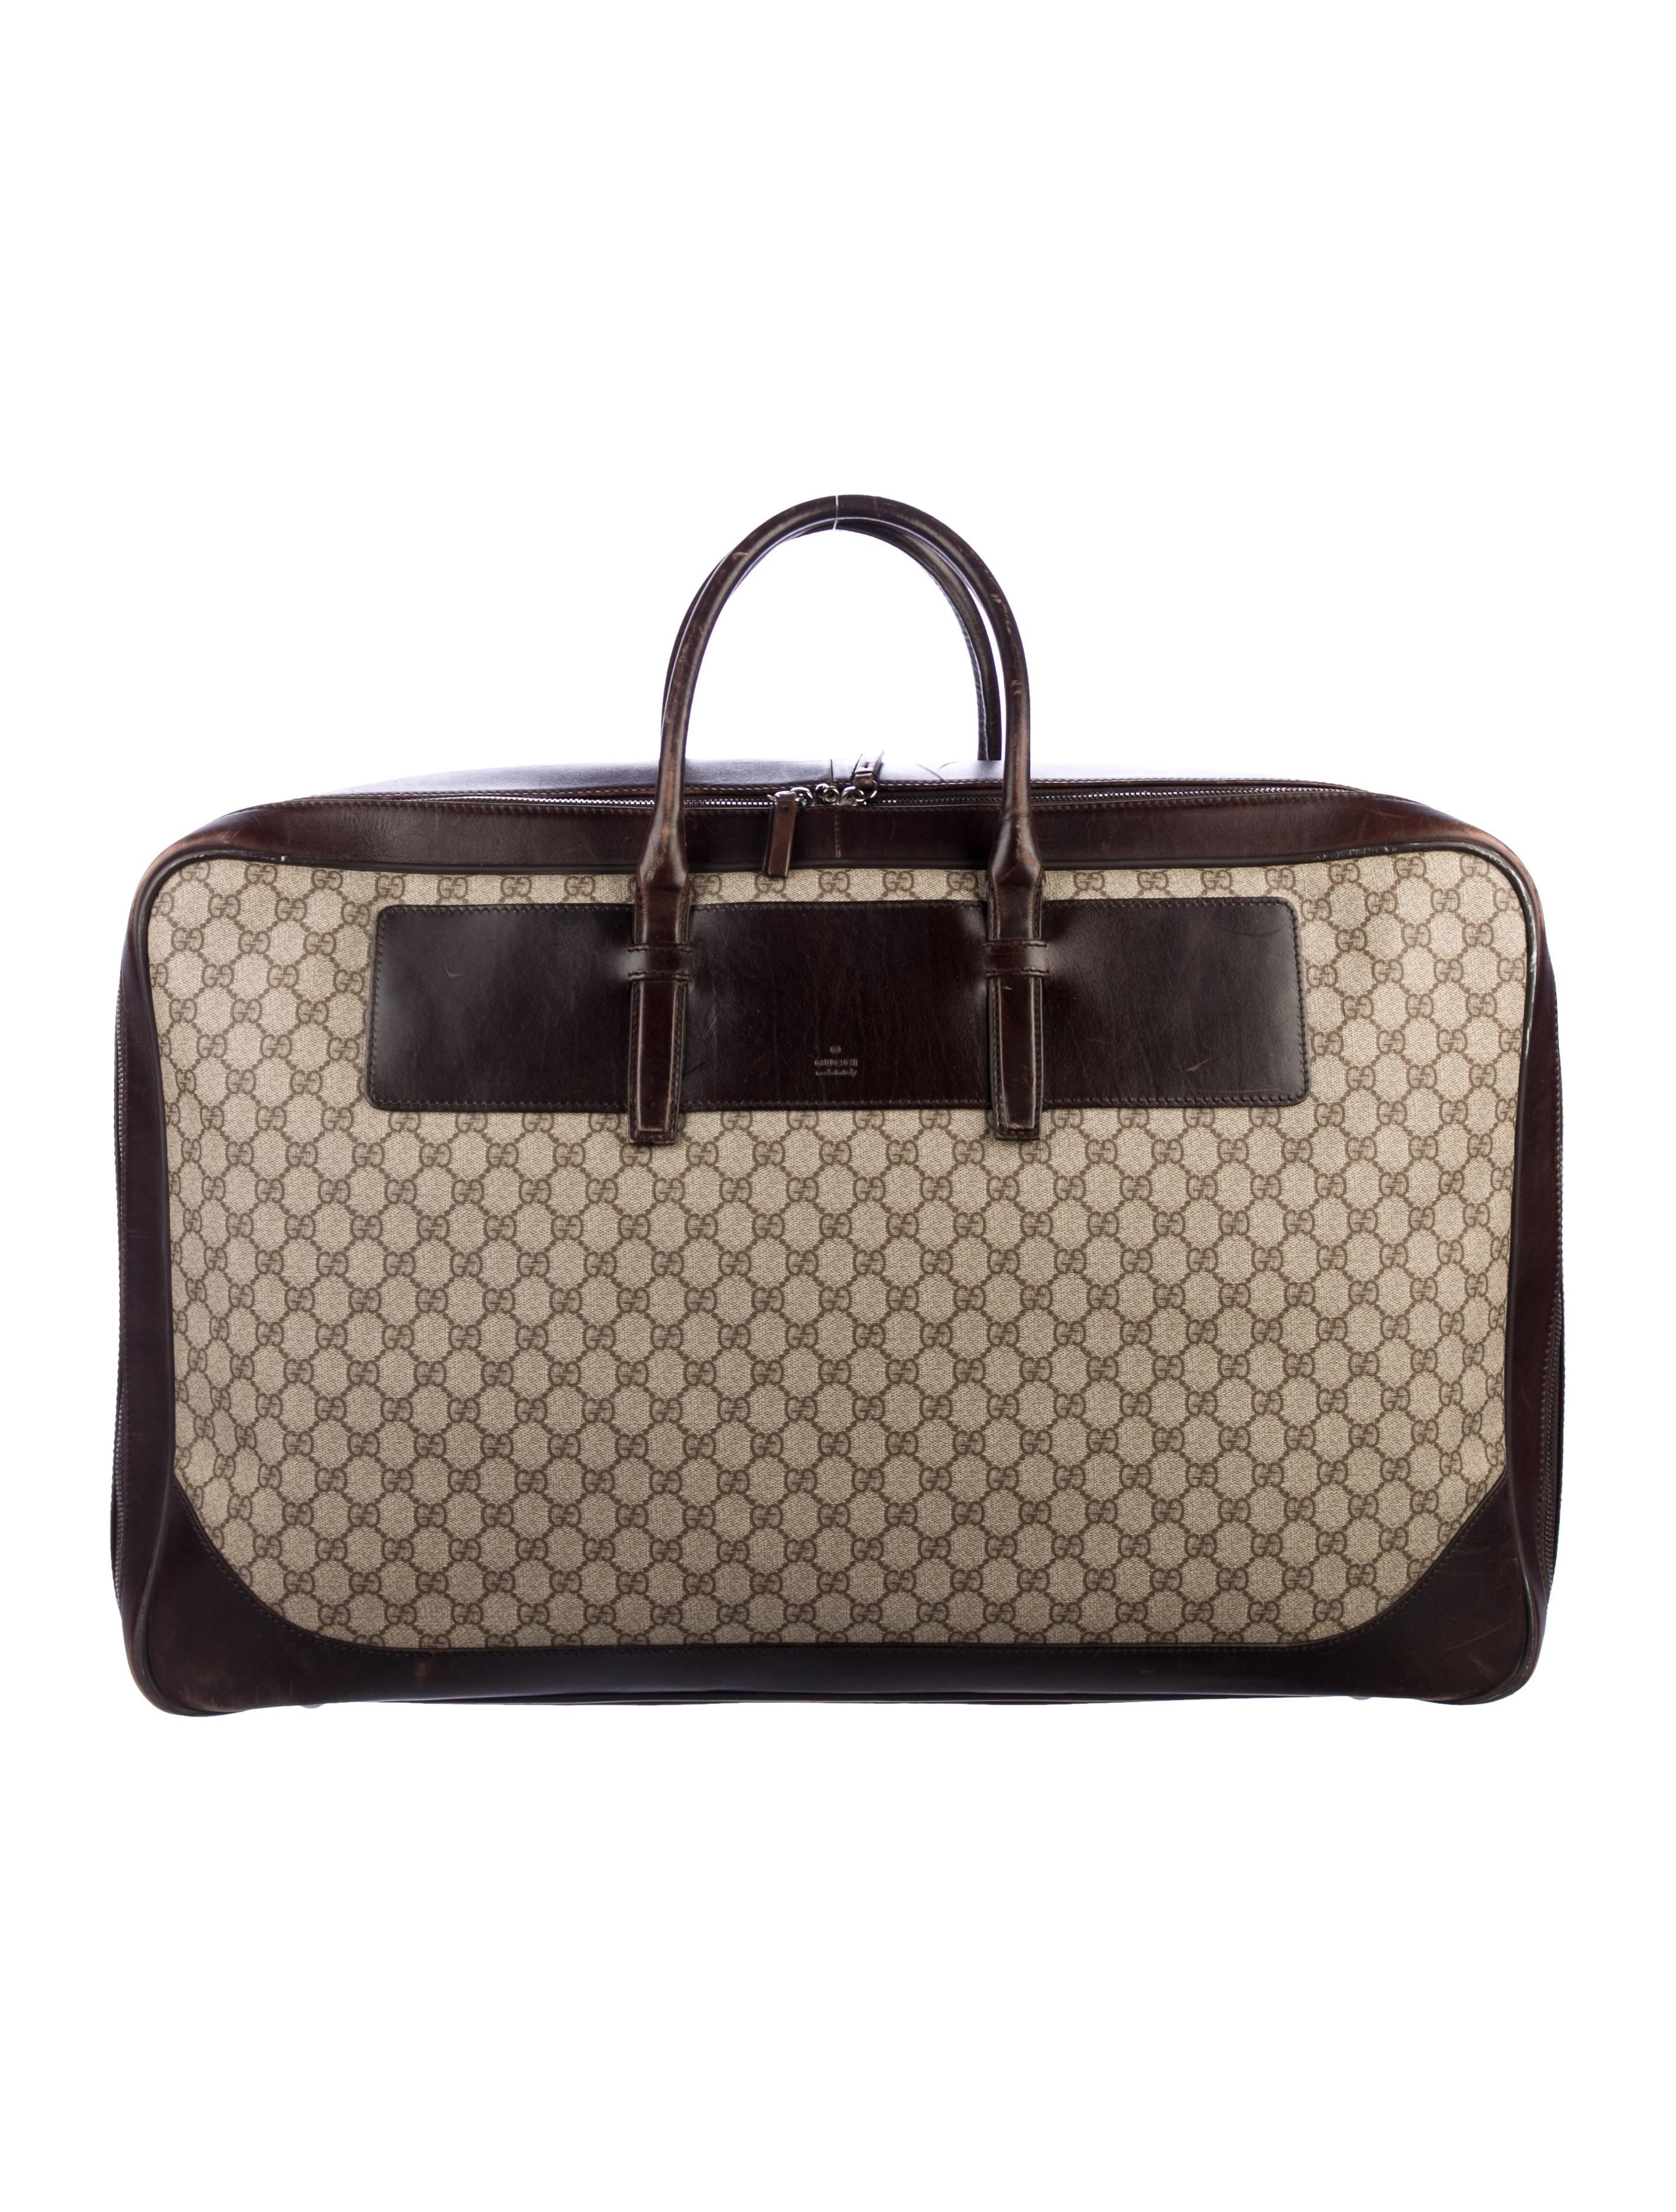 af6c730d4aa Gucci GG Supreme Duffle - Handbags - GUC302000